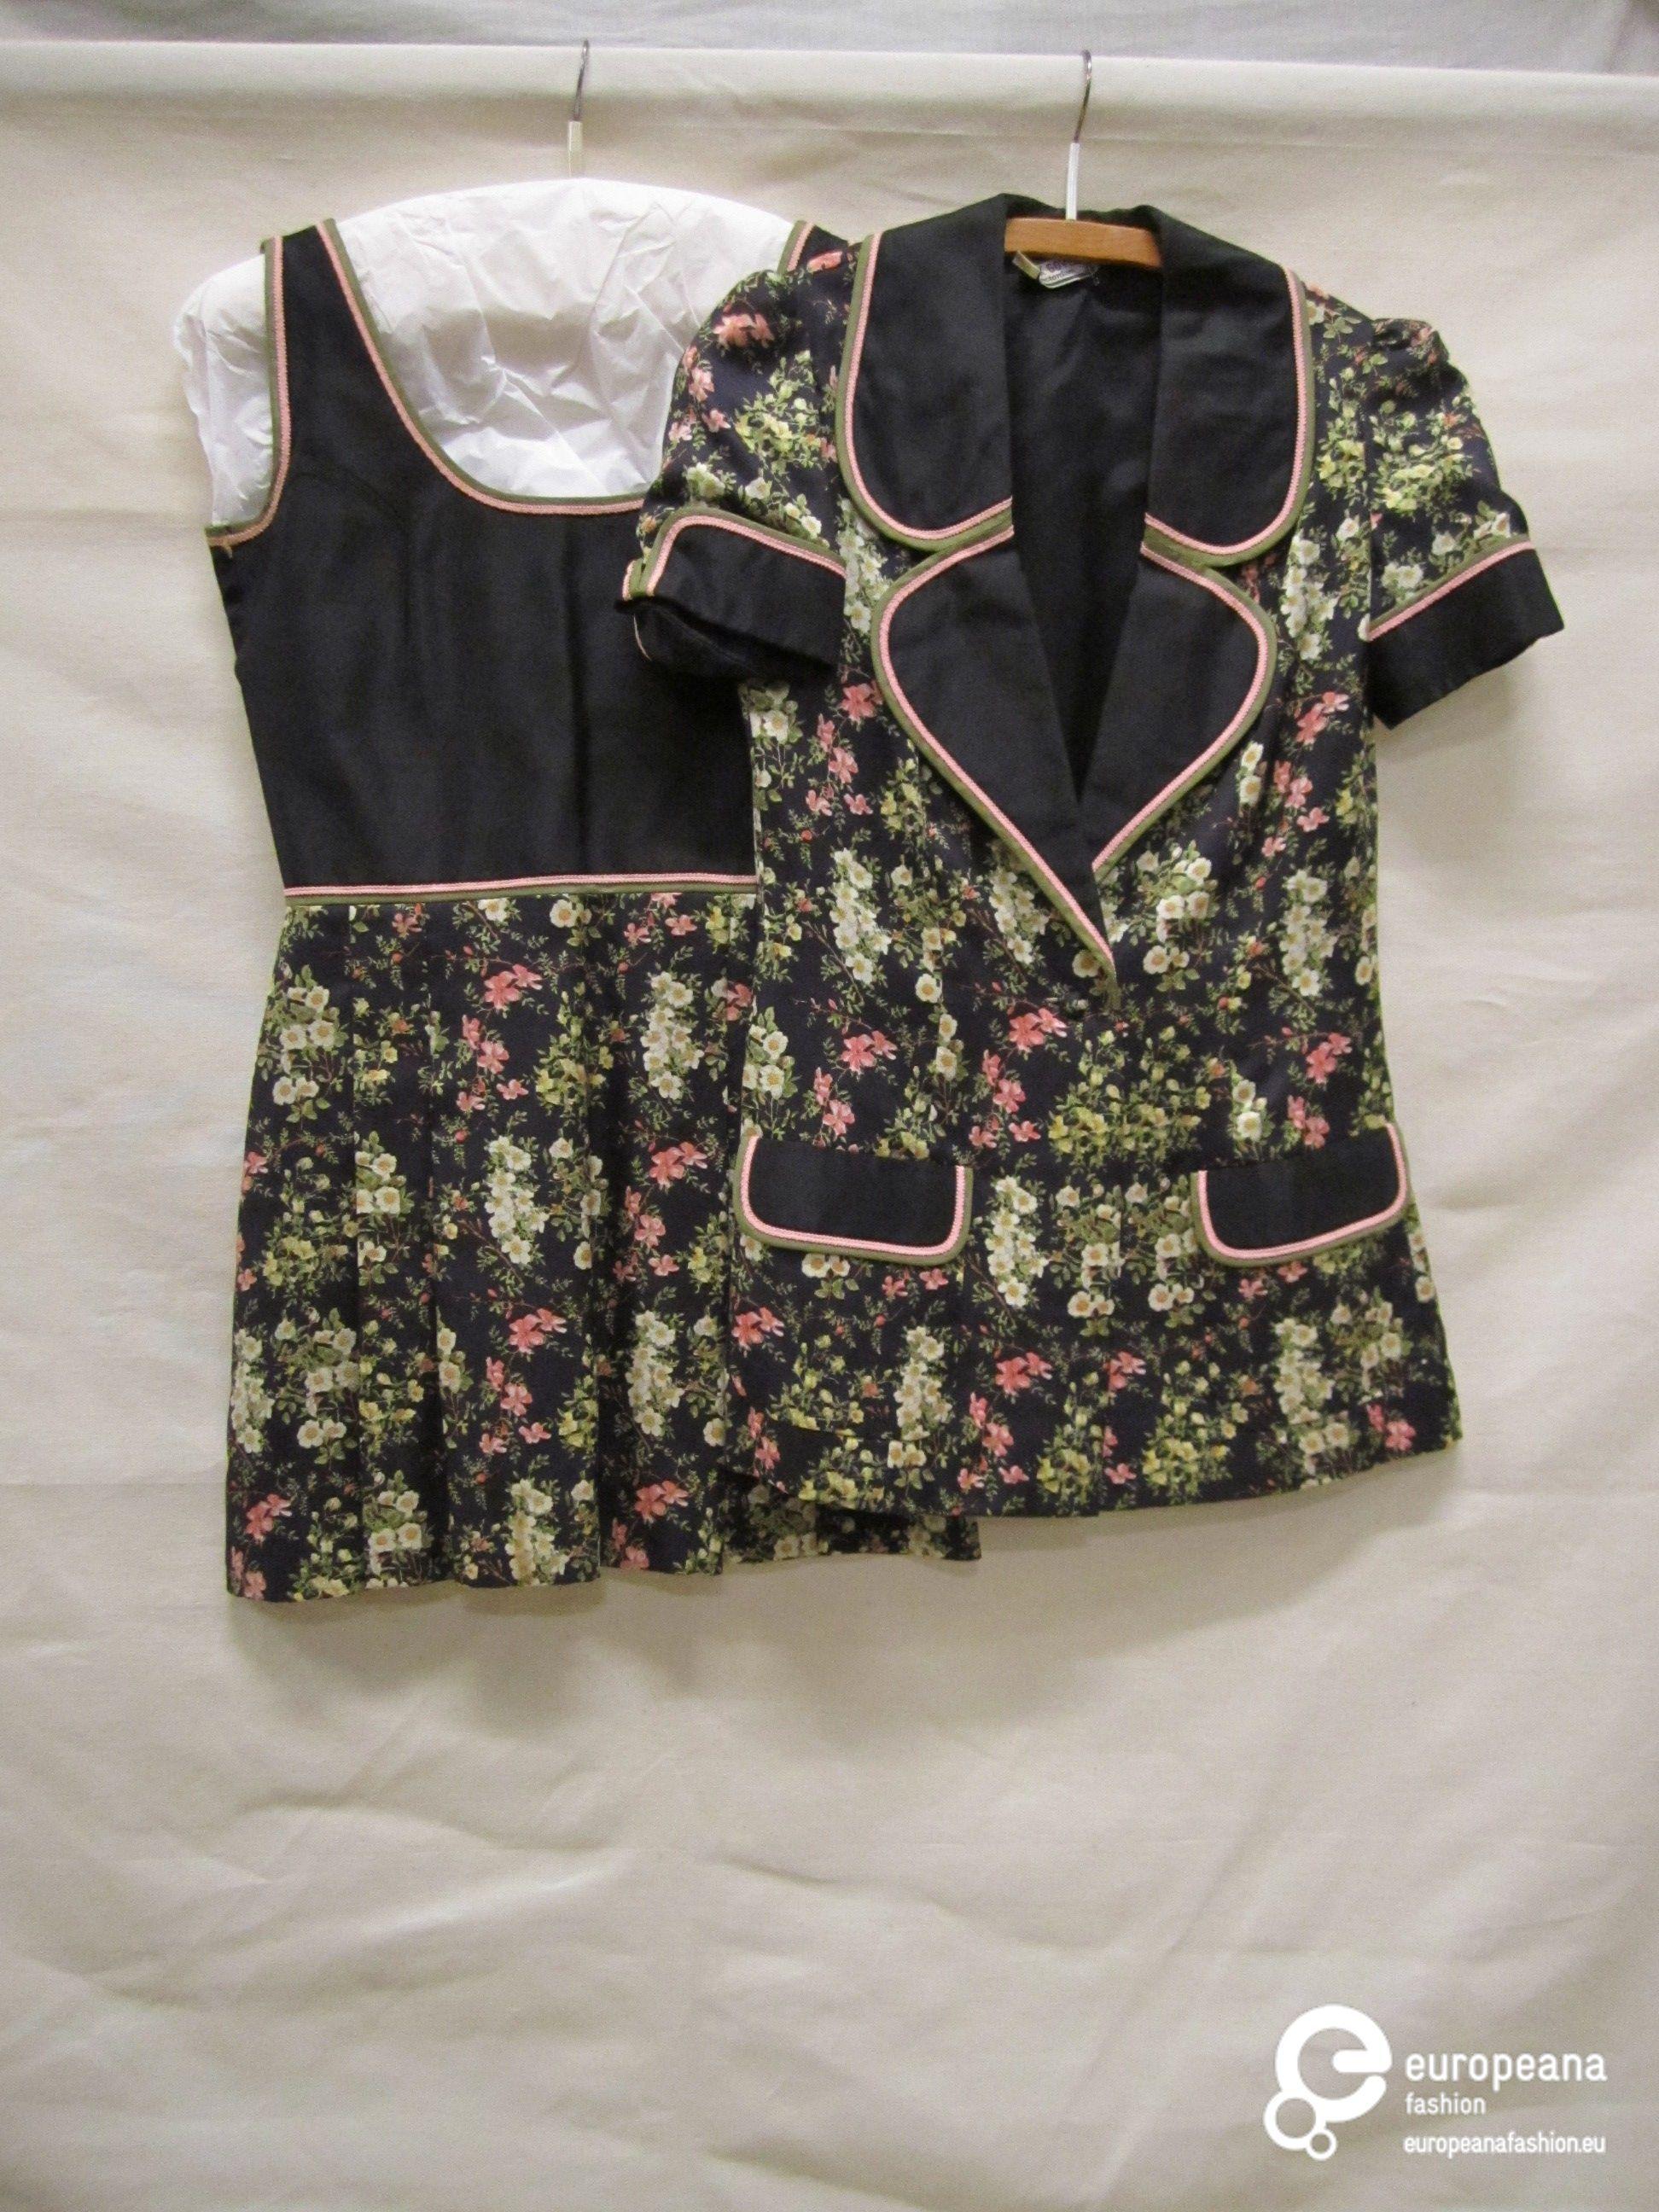 Ensemble van zwarte zijde bedrukt met bloemboeketjes, roze afgebiesd, bestaande uit mini-jurk en jasje | Frank Govers [1932-1997] (ontwerper) and Govers, Frank (Designer) - Europeana